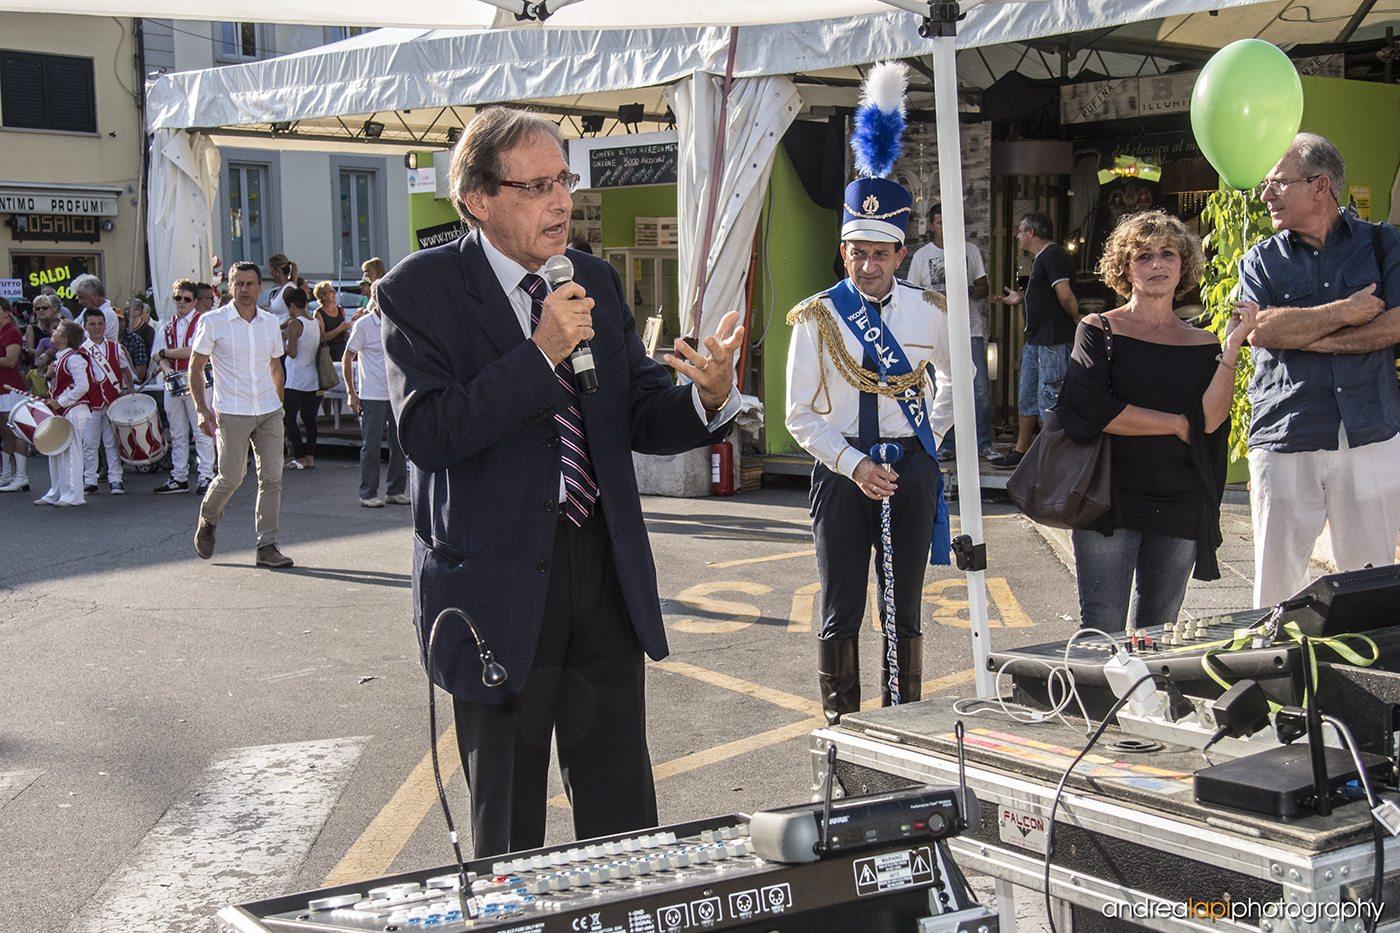 Il Sindaco Roberto Izzo Che inaugura la Fiera Calda